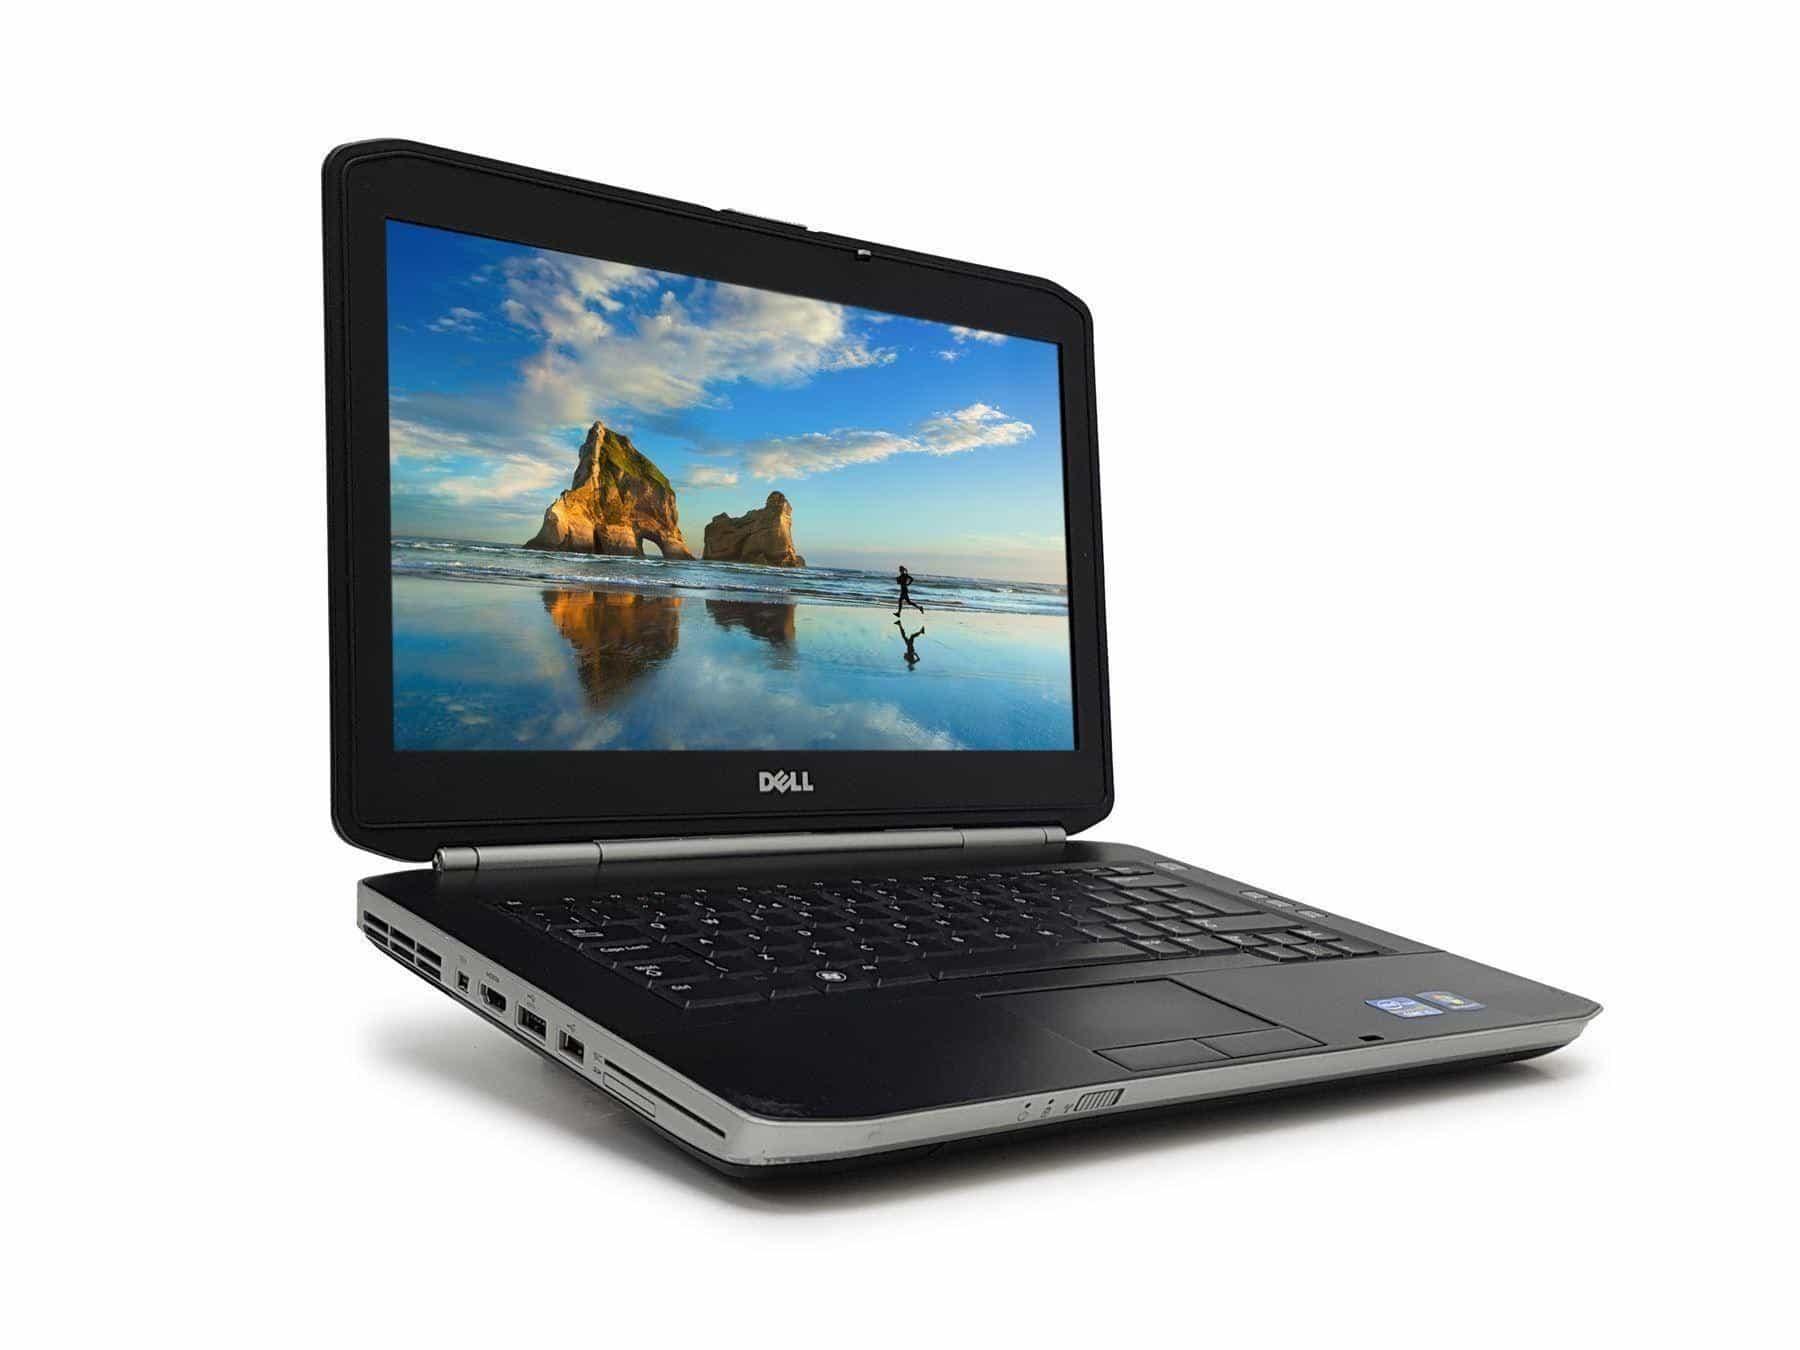 0aa446deec5 Dell Latitude E5420 Core i3 2310M 4GB RAM 320GB HDD